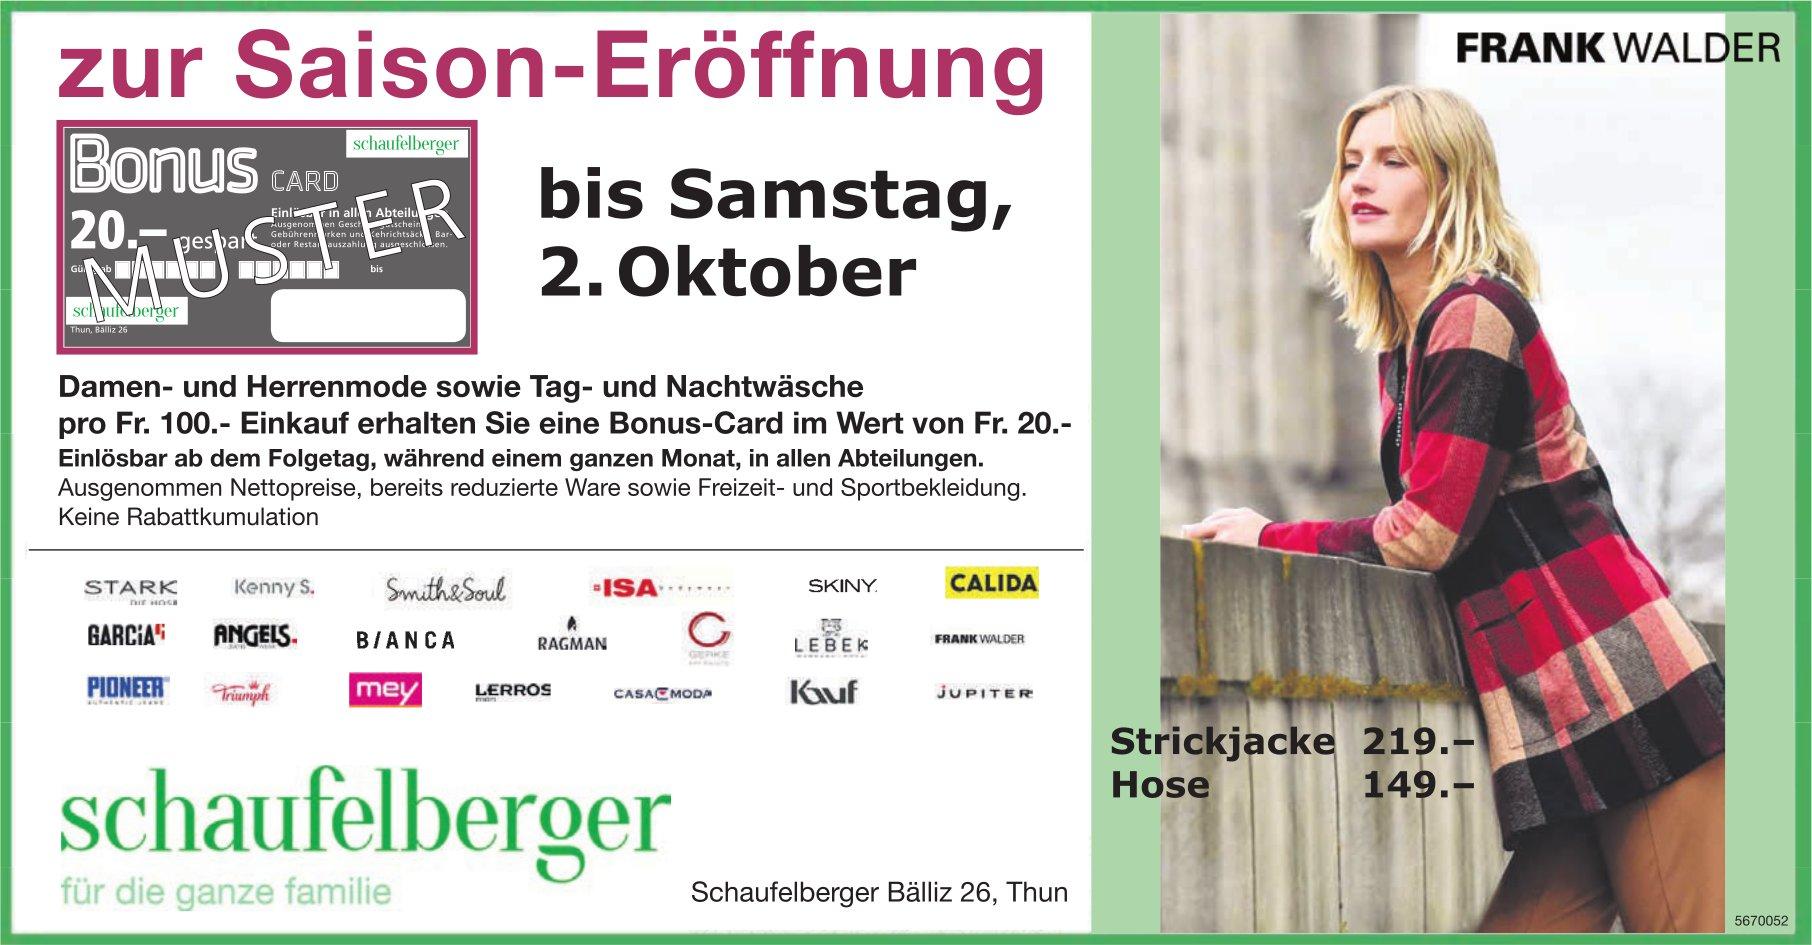 Saison-Eröffnung, bis 2. Oktober, Schaufelberger, Thun